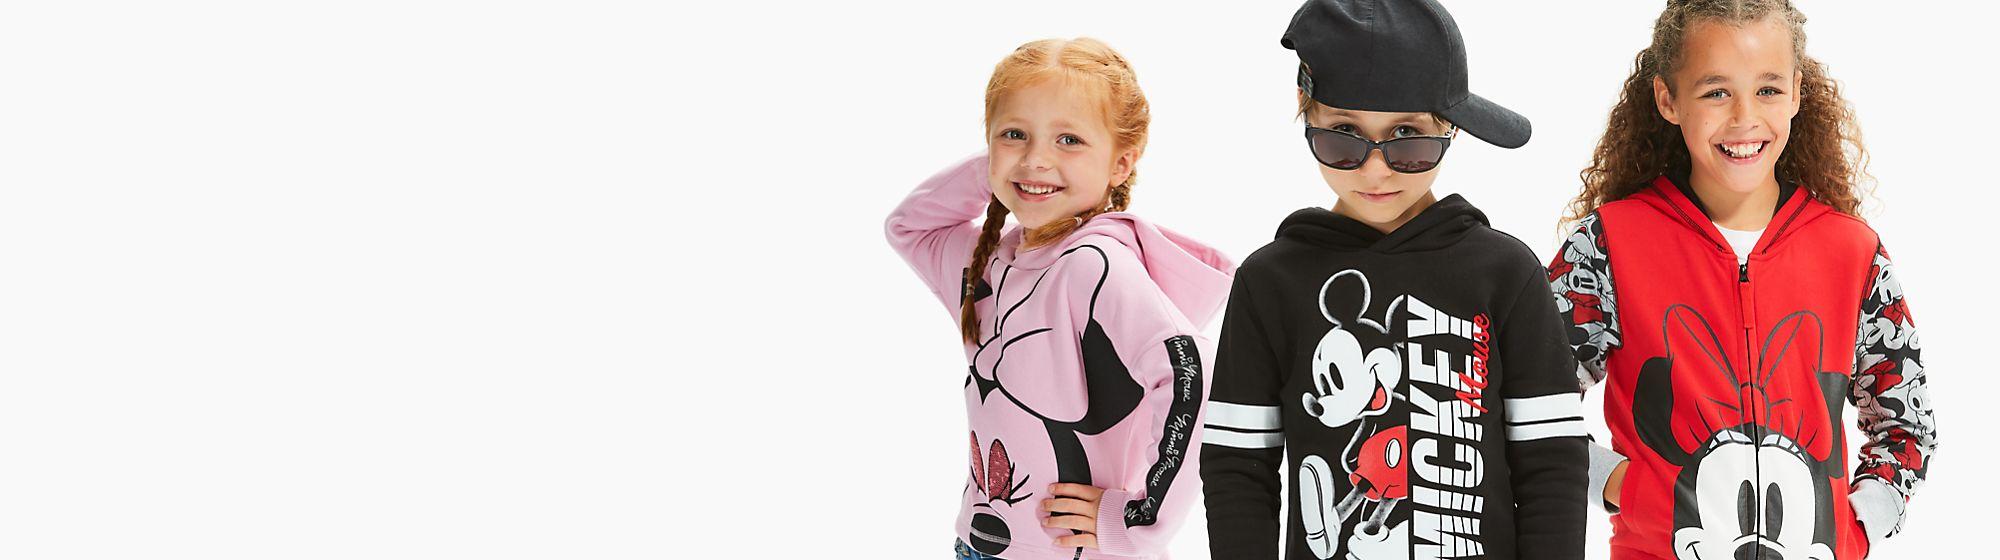 Bekleidung für Kinder Entdecke unsere Disney, Star Wars und Marvel Kinder Kollektionen.T-Shirts, Jacken und vieles mehr. JETZT ENTDECKEN